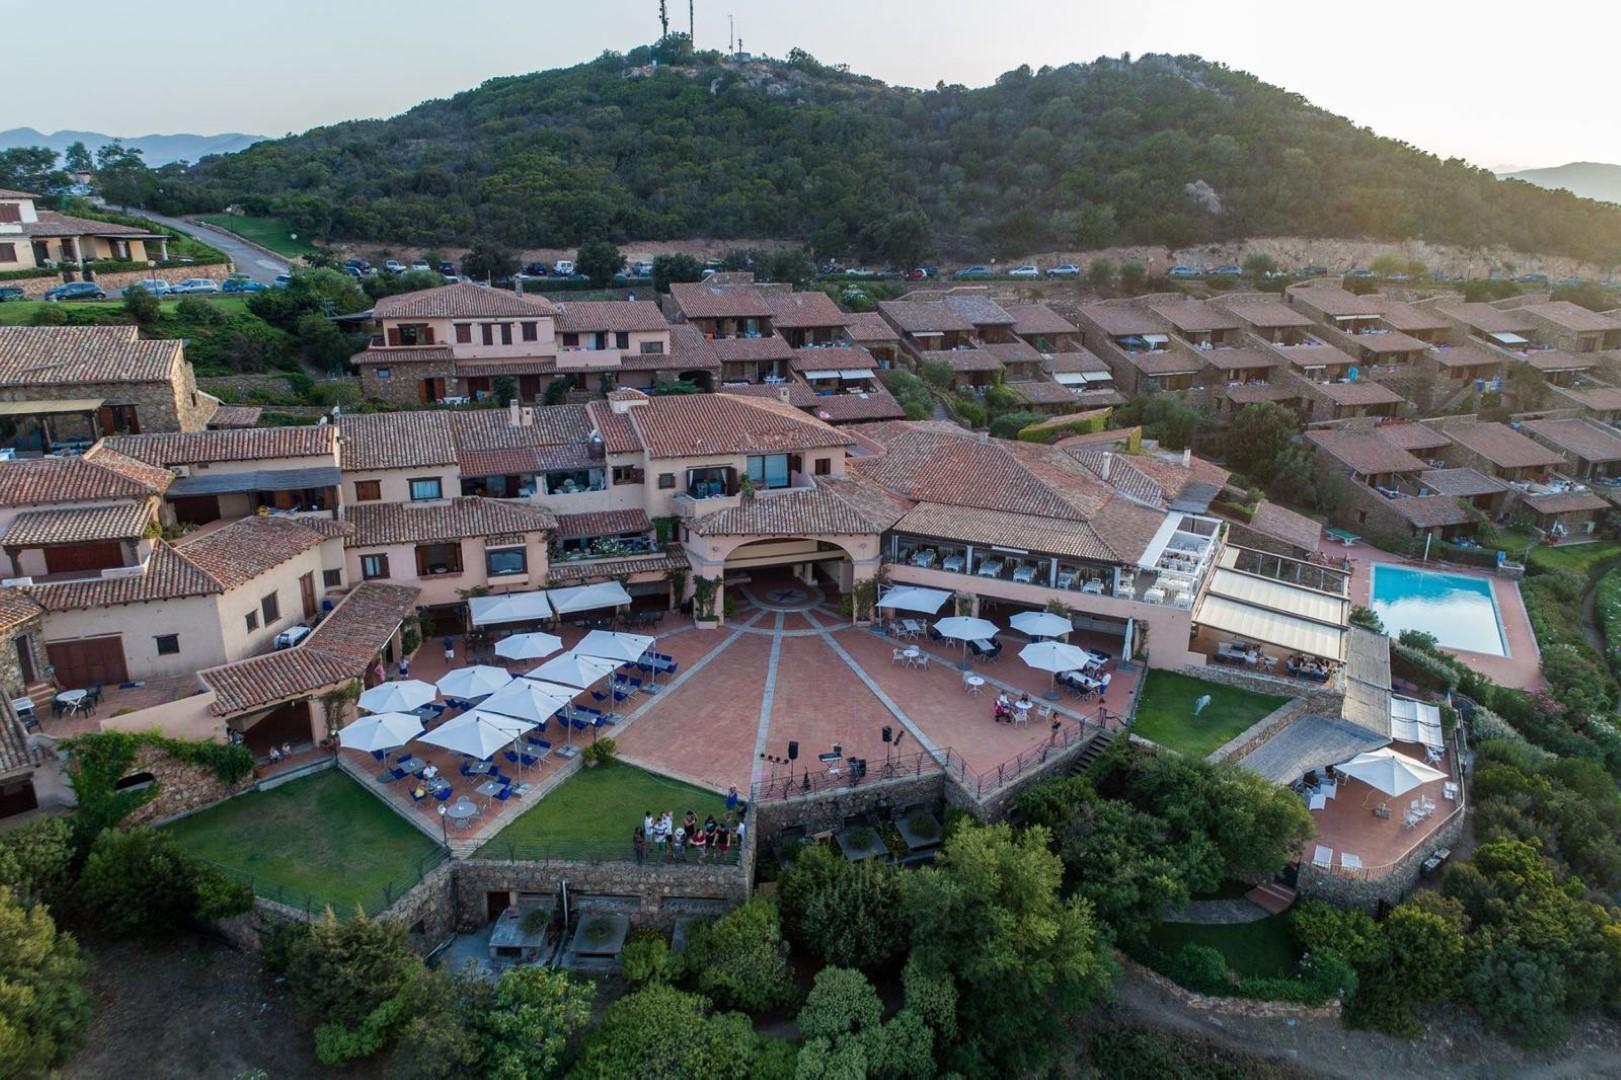 Casa Blue - Coda Cavallo Resort (noordoosten) 16